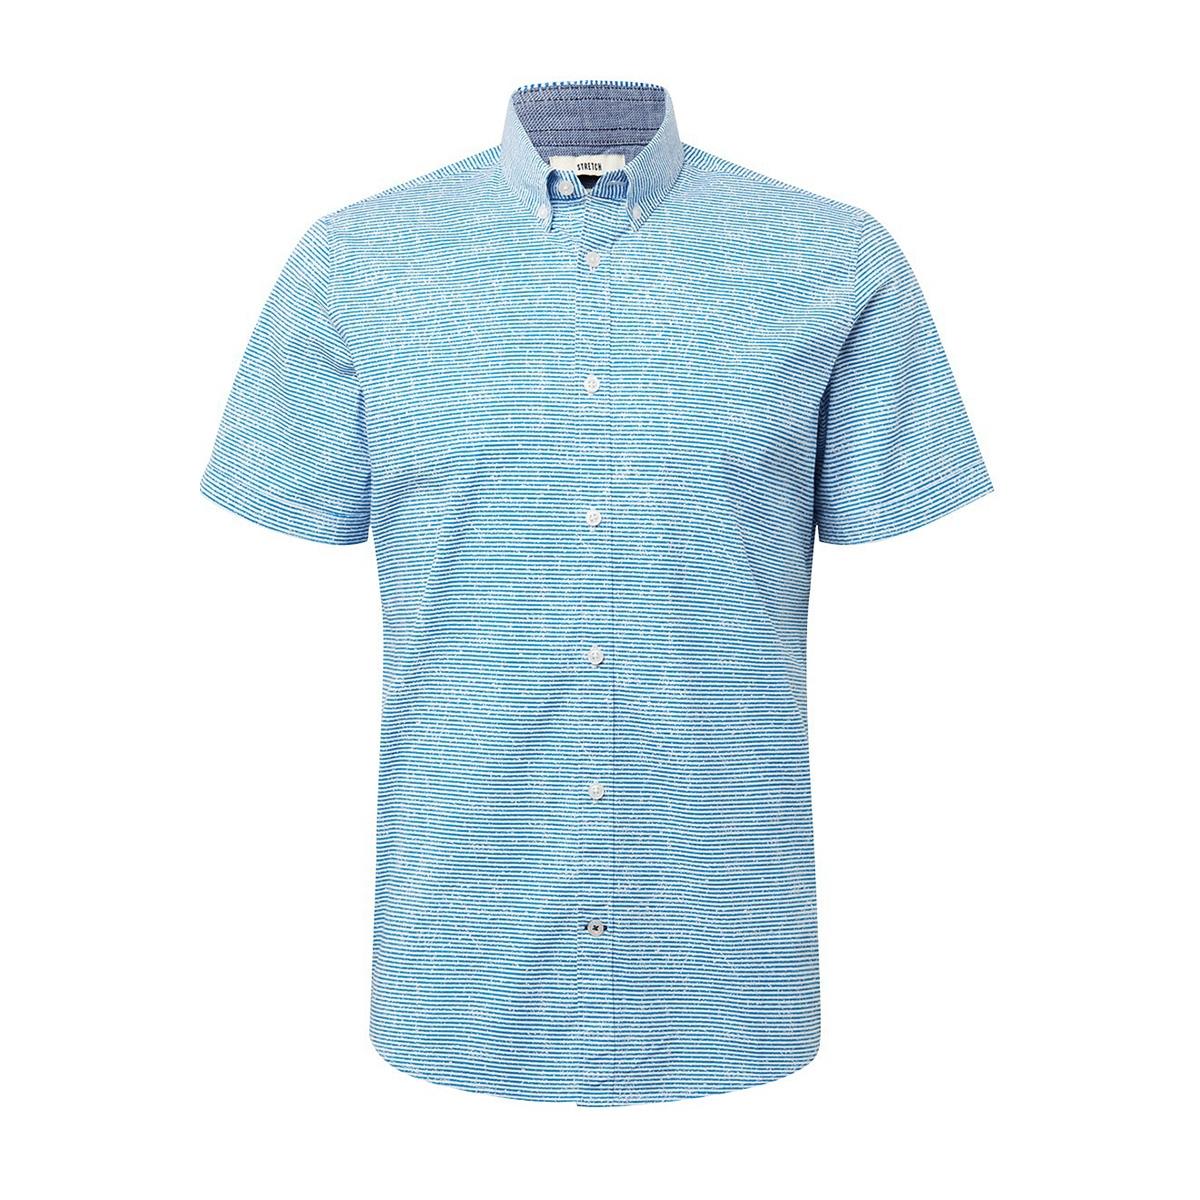 floyd printed shirt 1008193xx10 tom tailor overhemd 15847